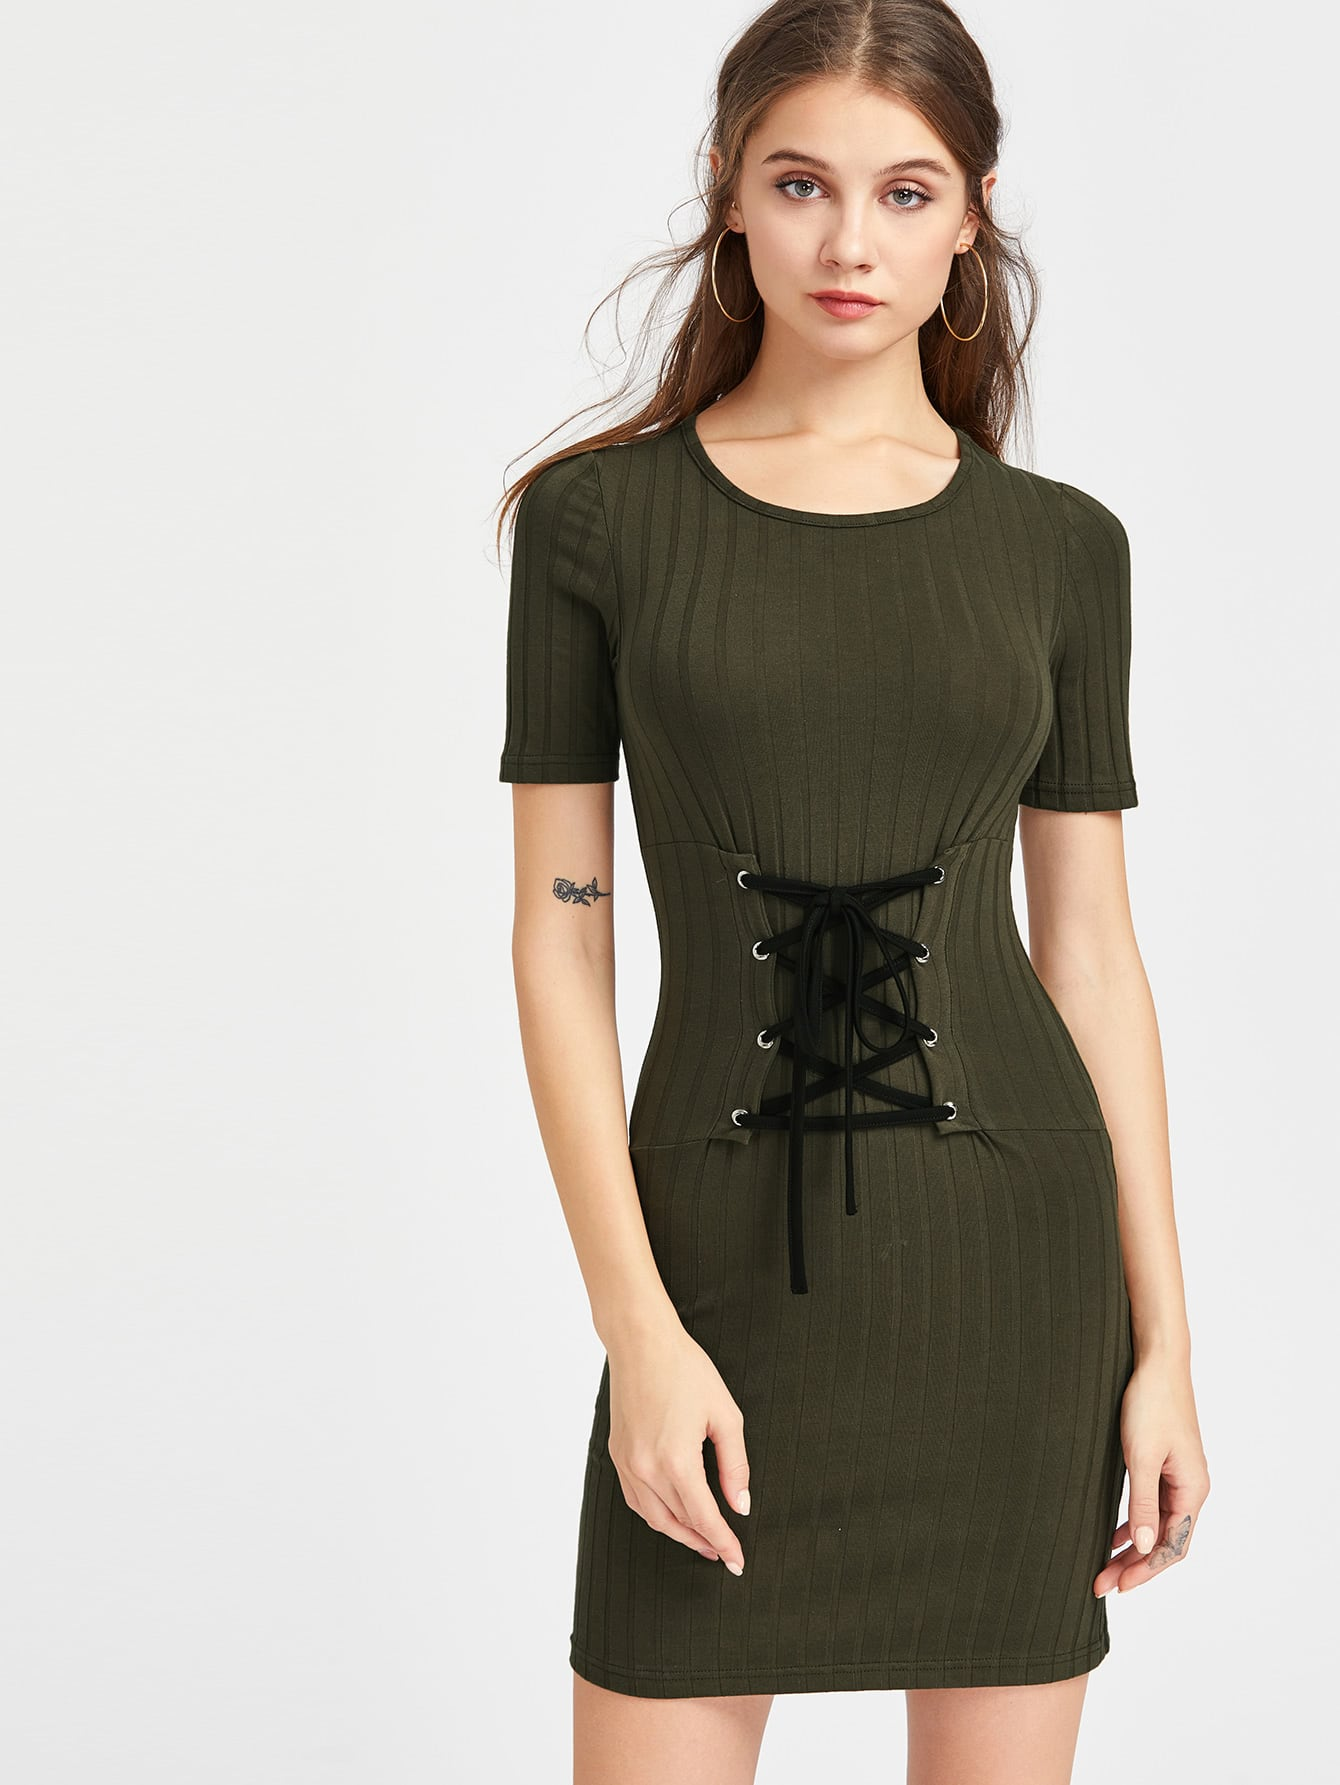 Rib Knit Lace Up Corset Belt Bodycon Dress